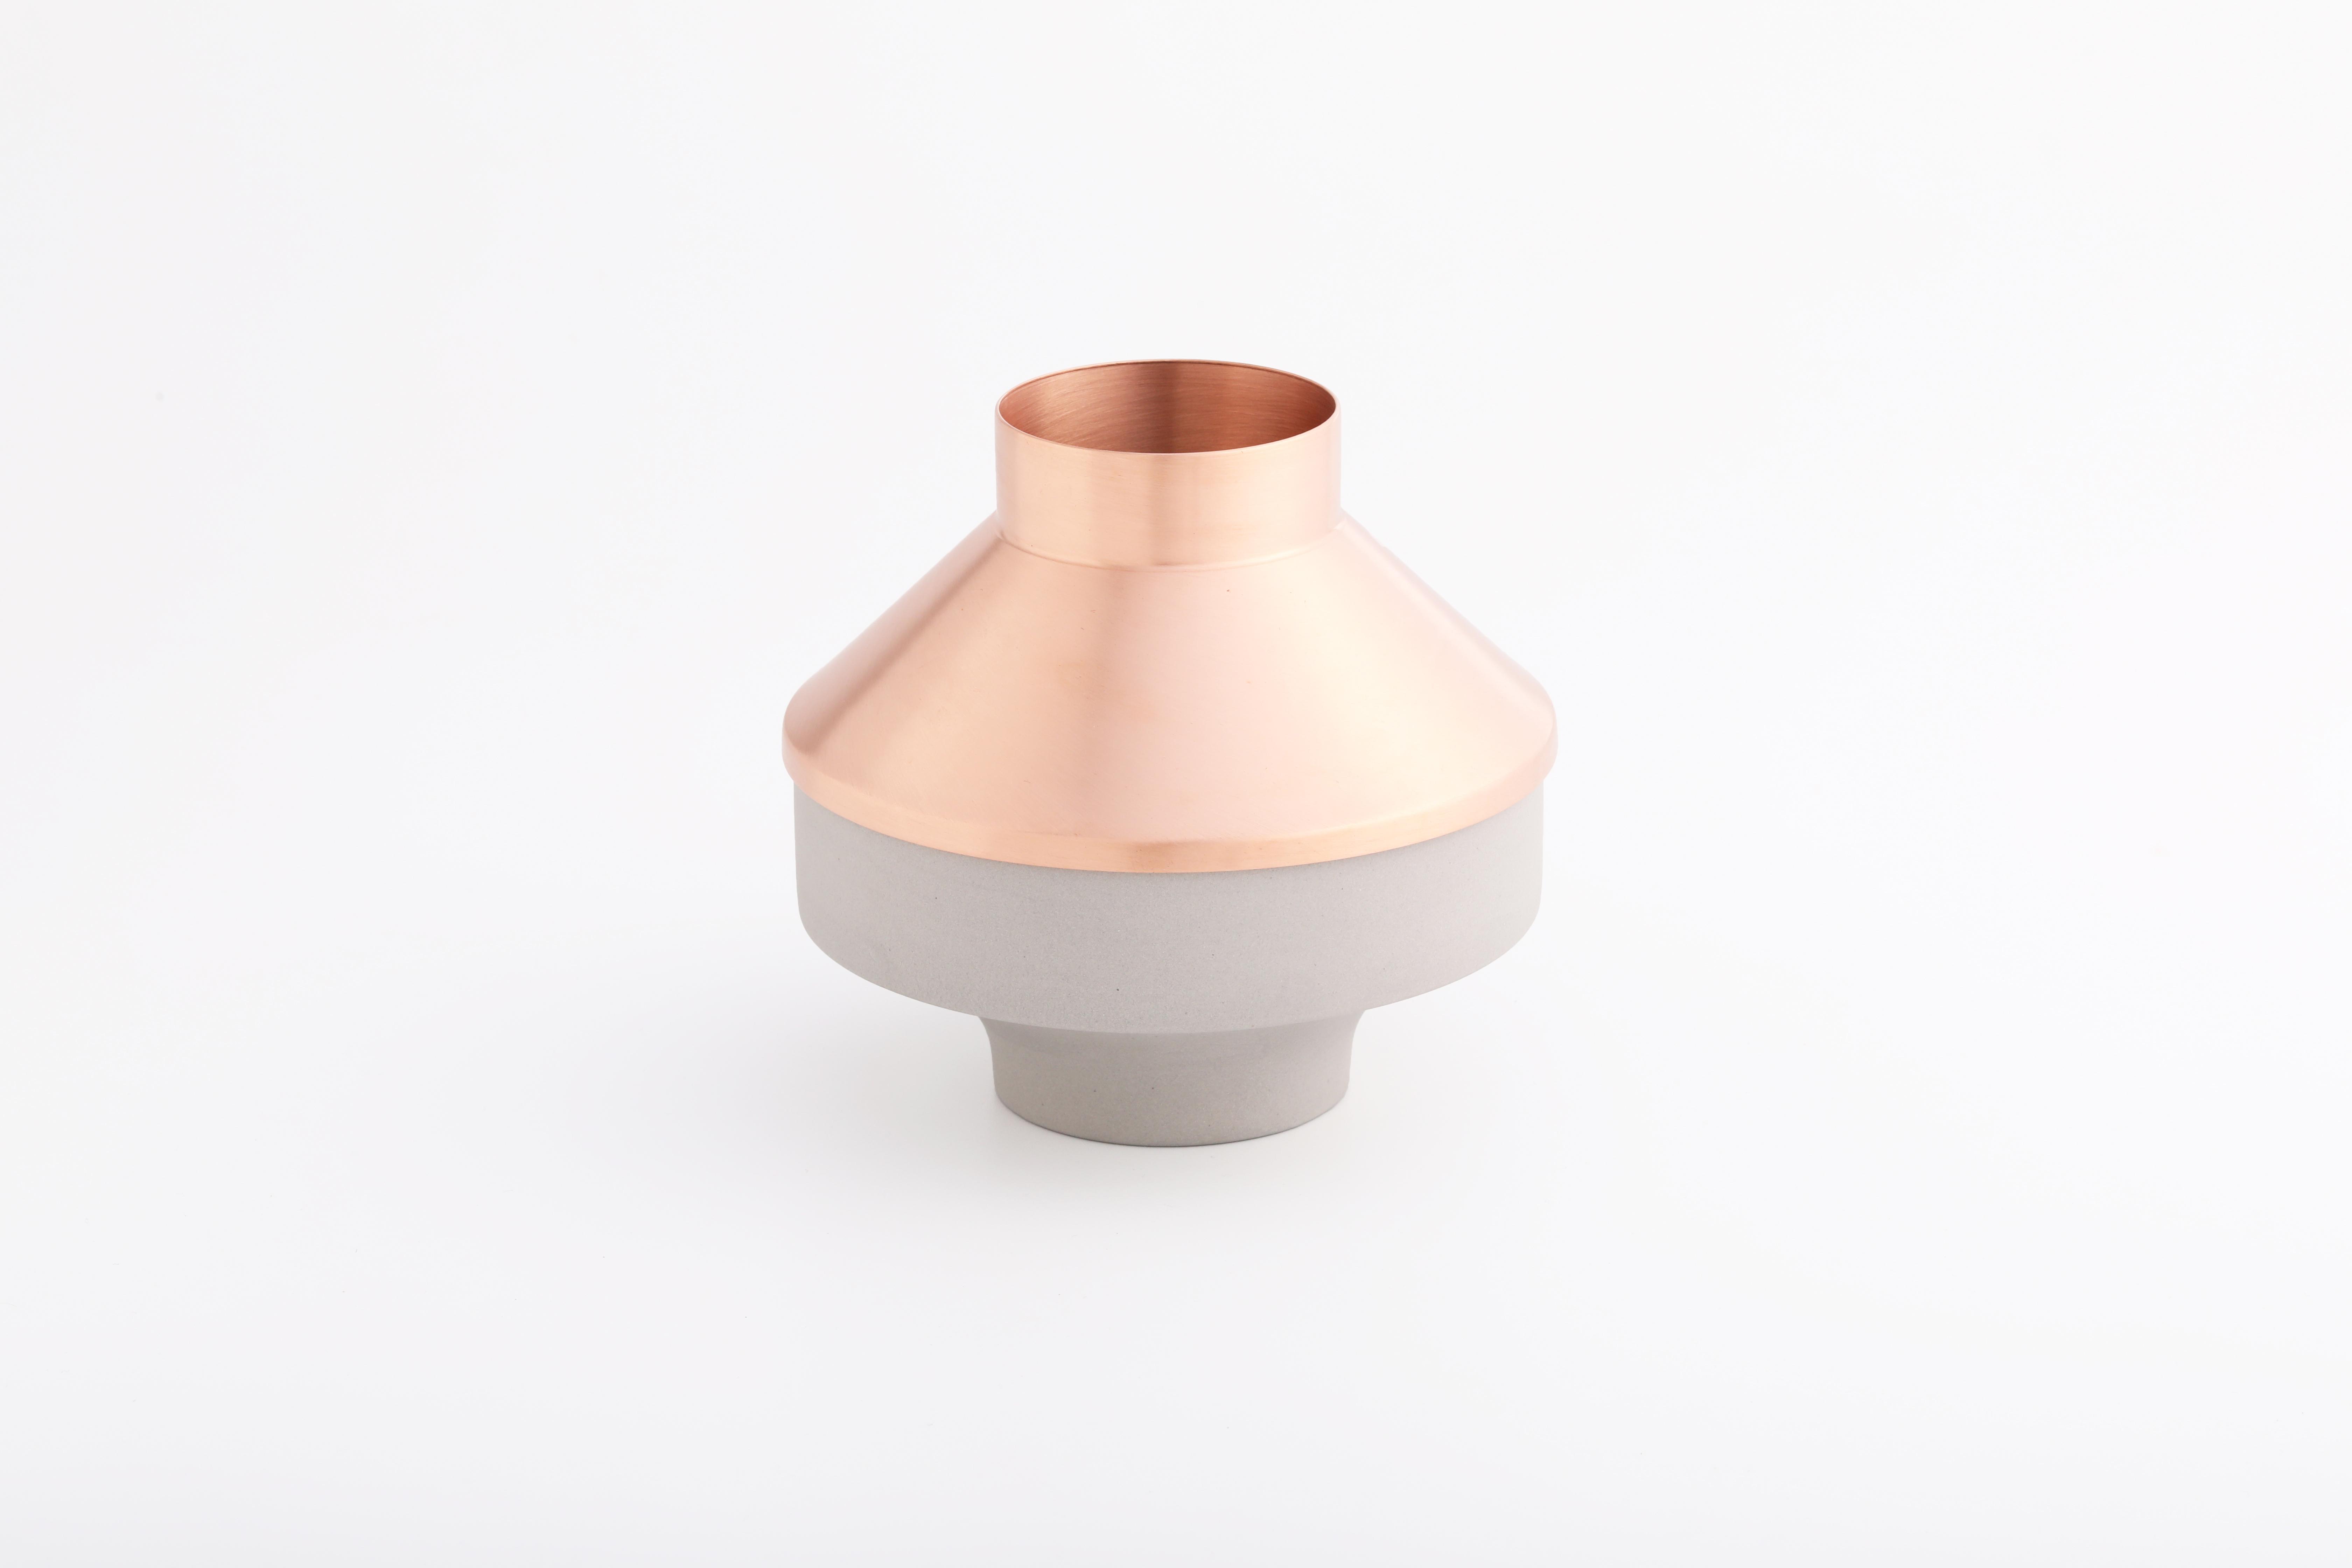 Set 8 (灰瓷紅銅款 / Grey, Copper)